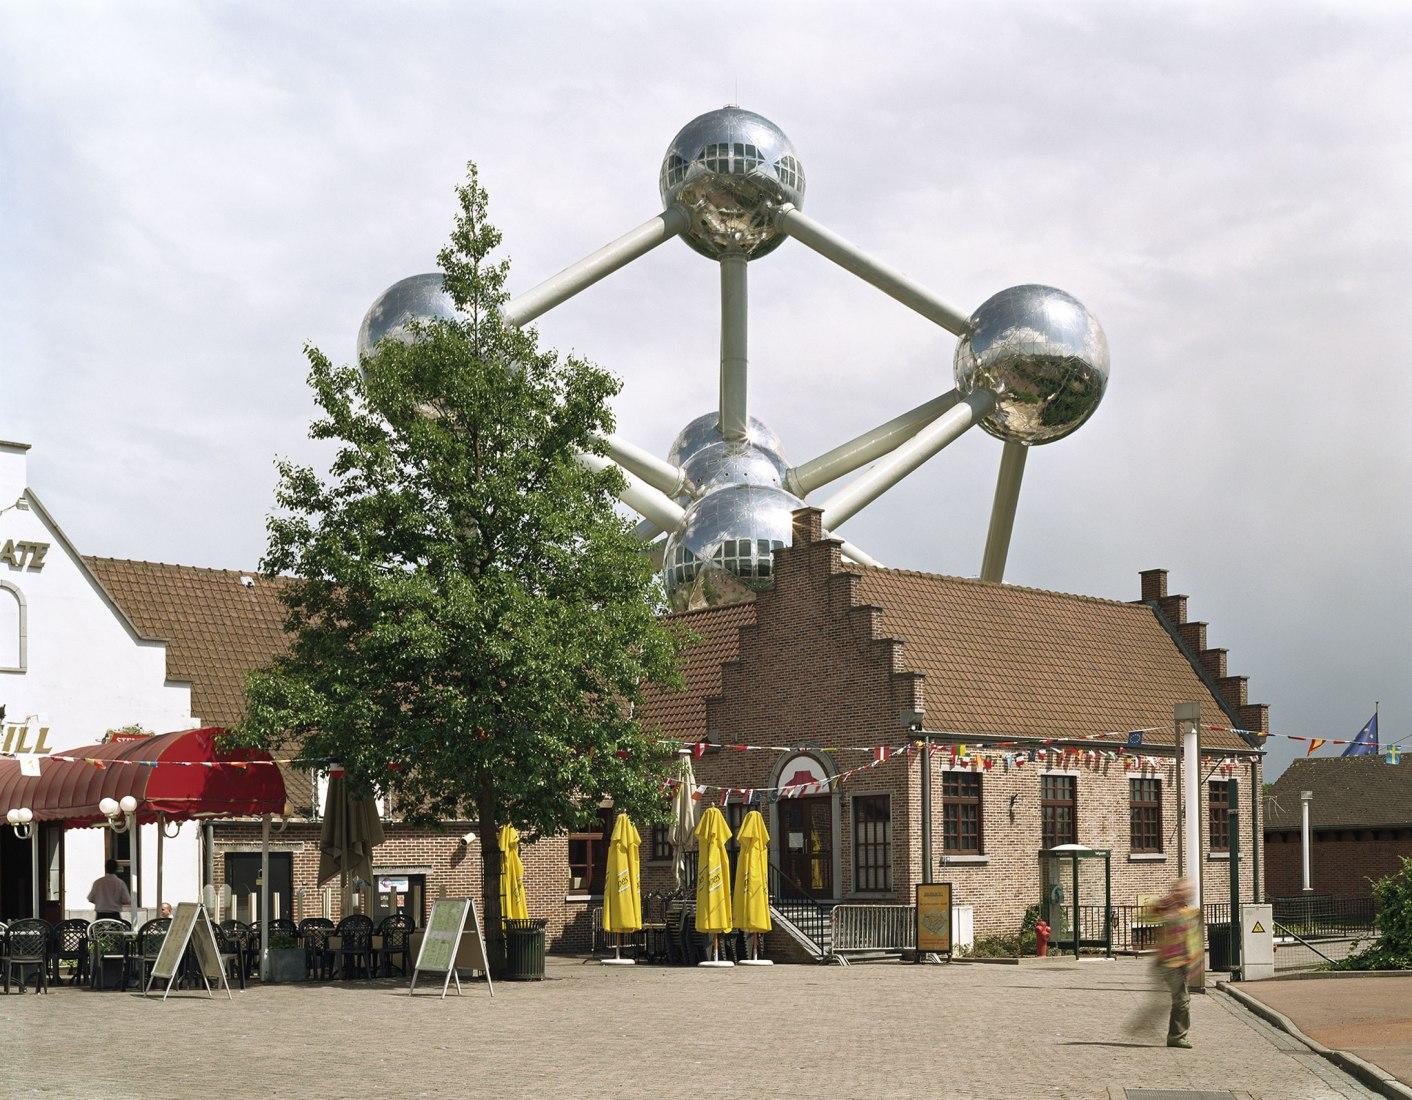 Brussels 1958 World's Fair,